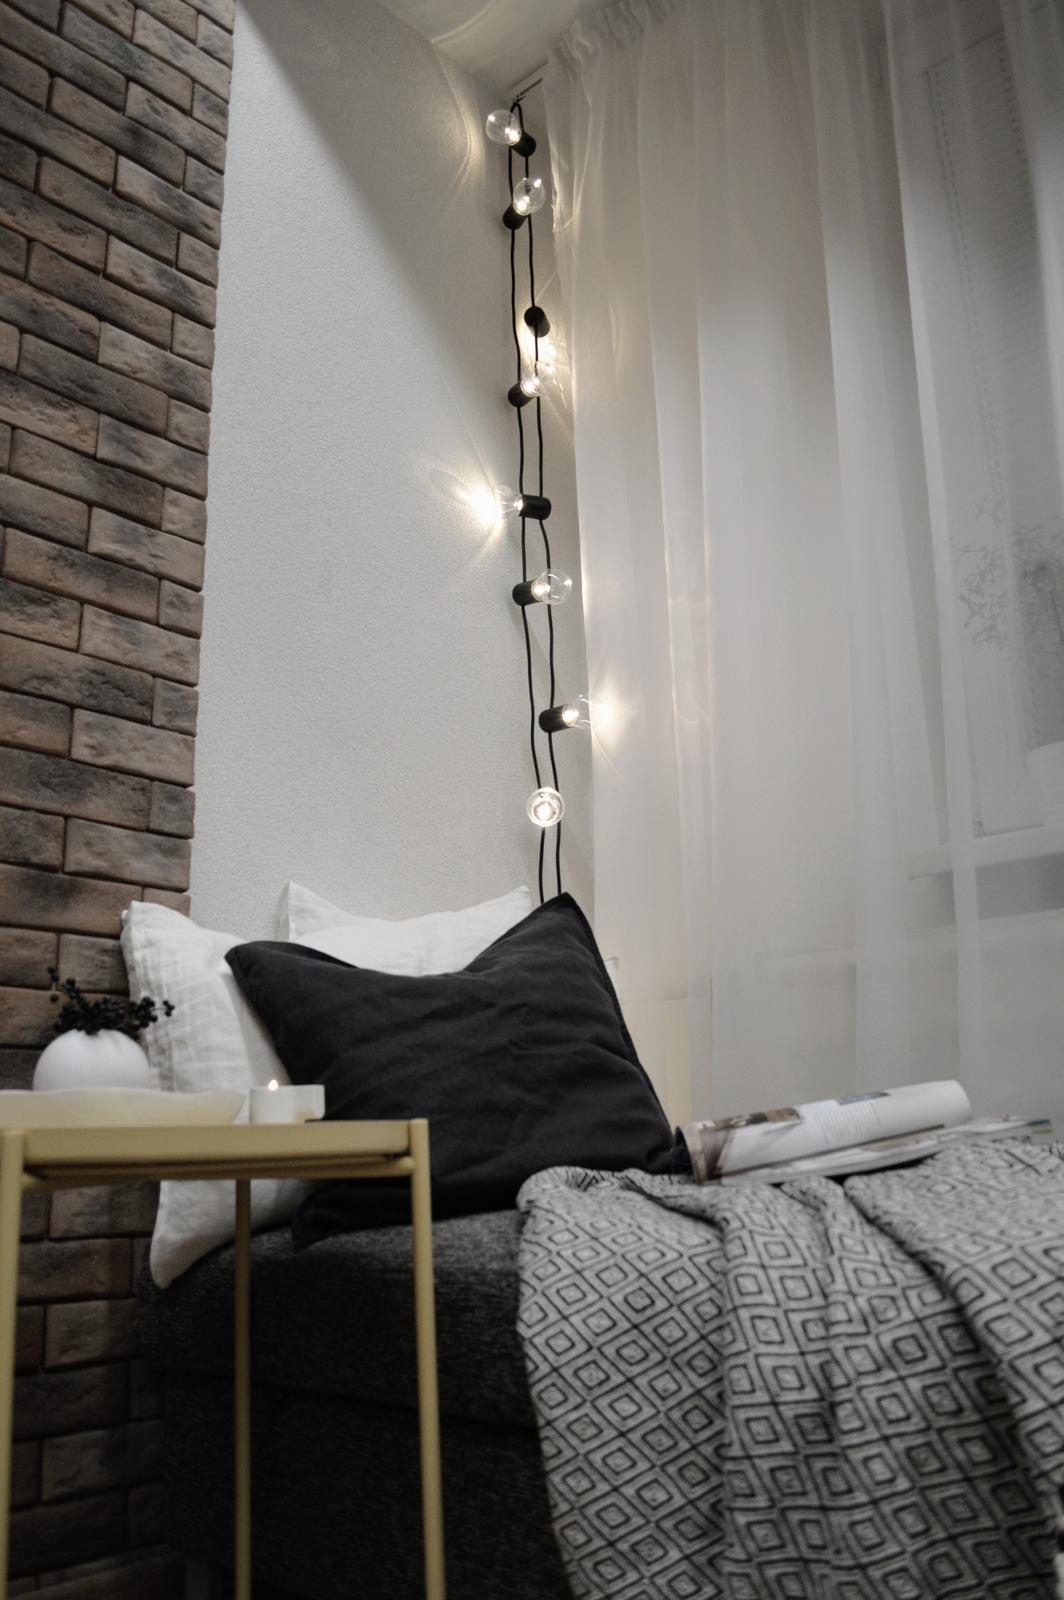 🖤 keď drobnosti robia radosť 🖤 - ľanové vankúše sú u nás aj v obývačke :) mám rada ten pokrčený vzhľad